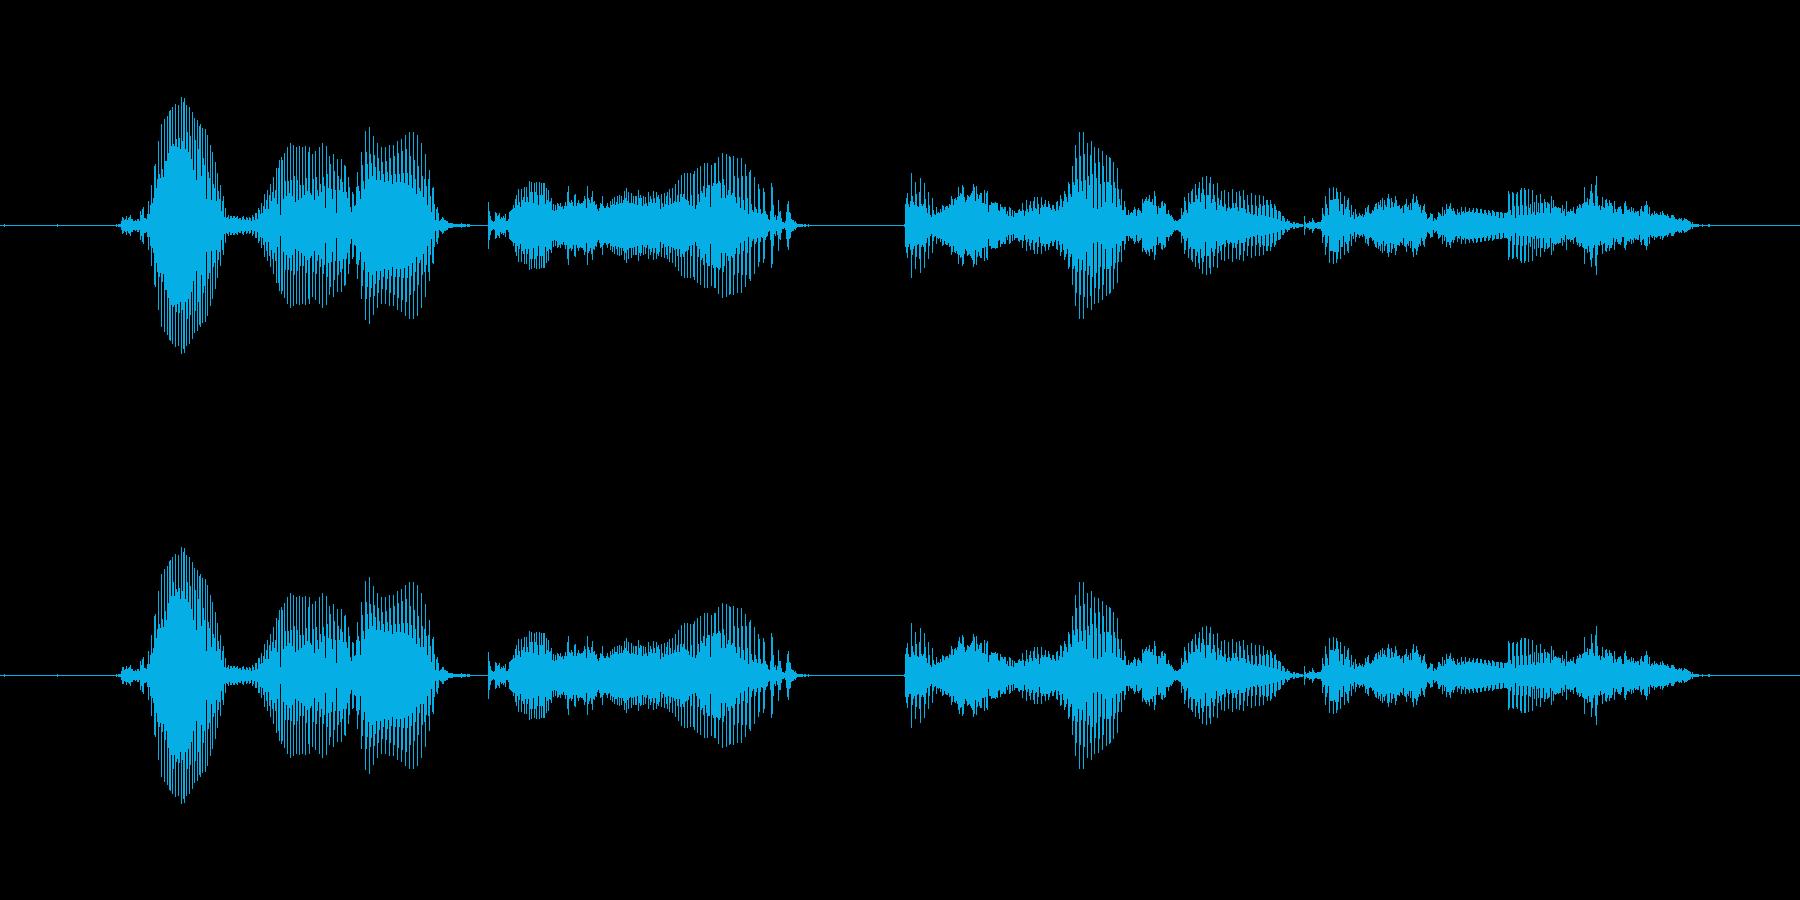 【時報・時間】午後6時を、お知らせいた…の再生済みの波形